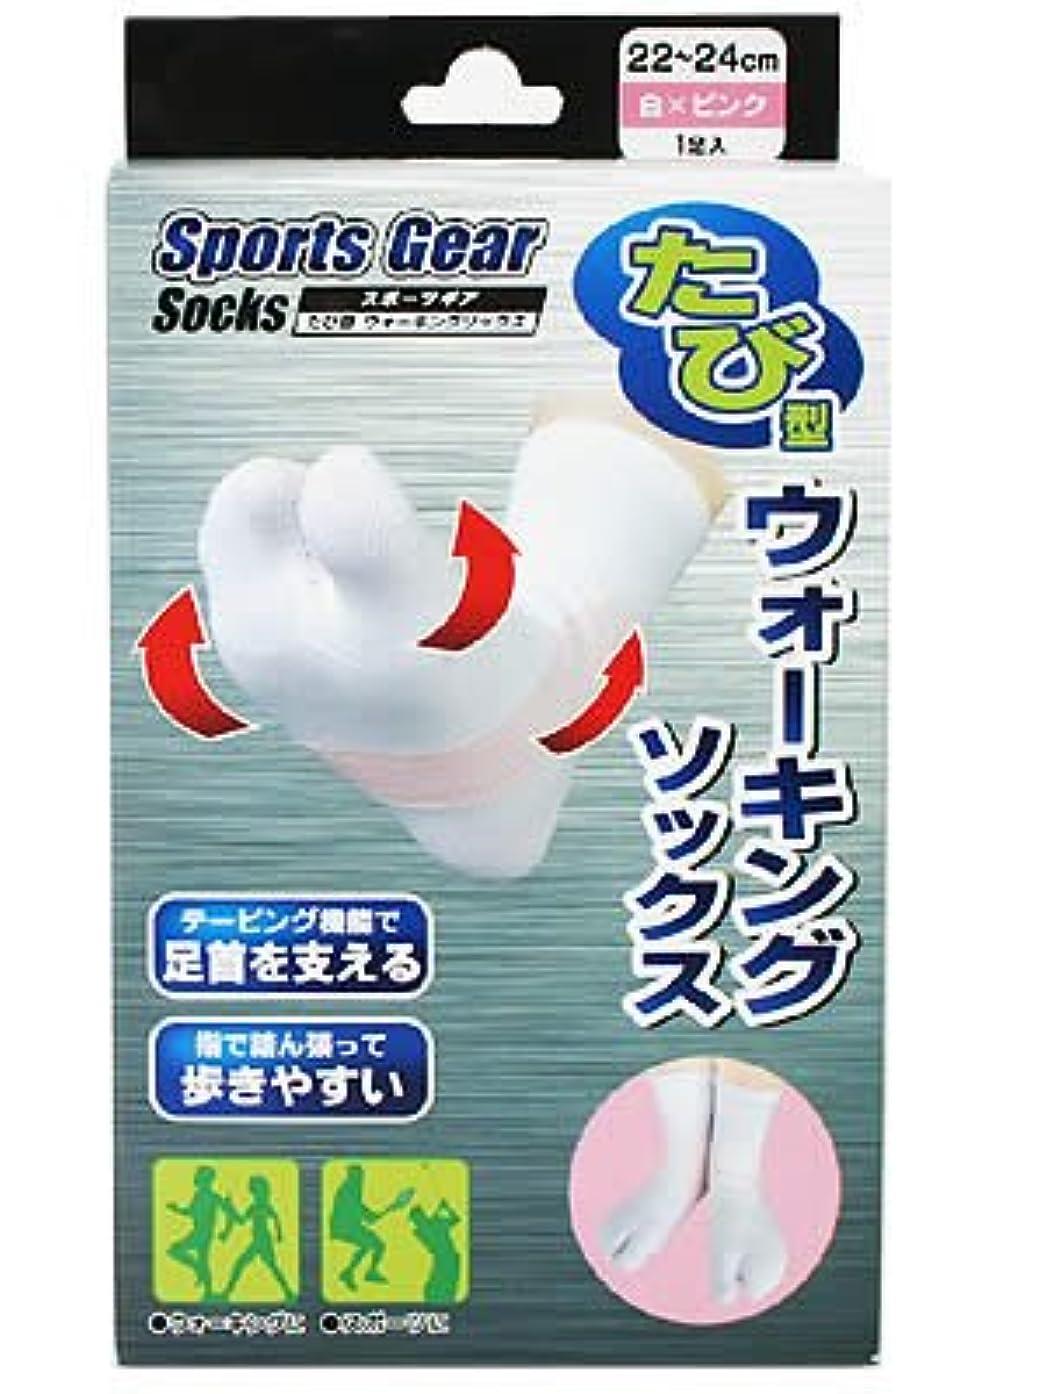 中国スカウトと遊ぶスポーツギア たび型 ウォーキングソックス 22~24cm 白×ピンク